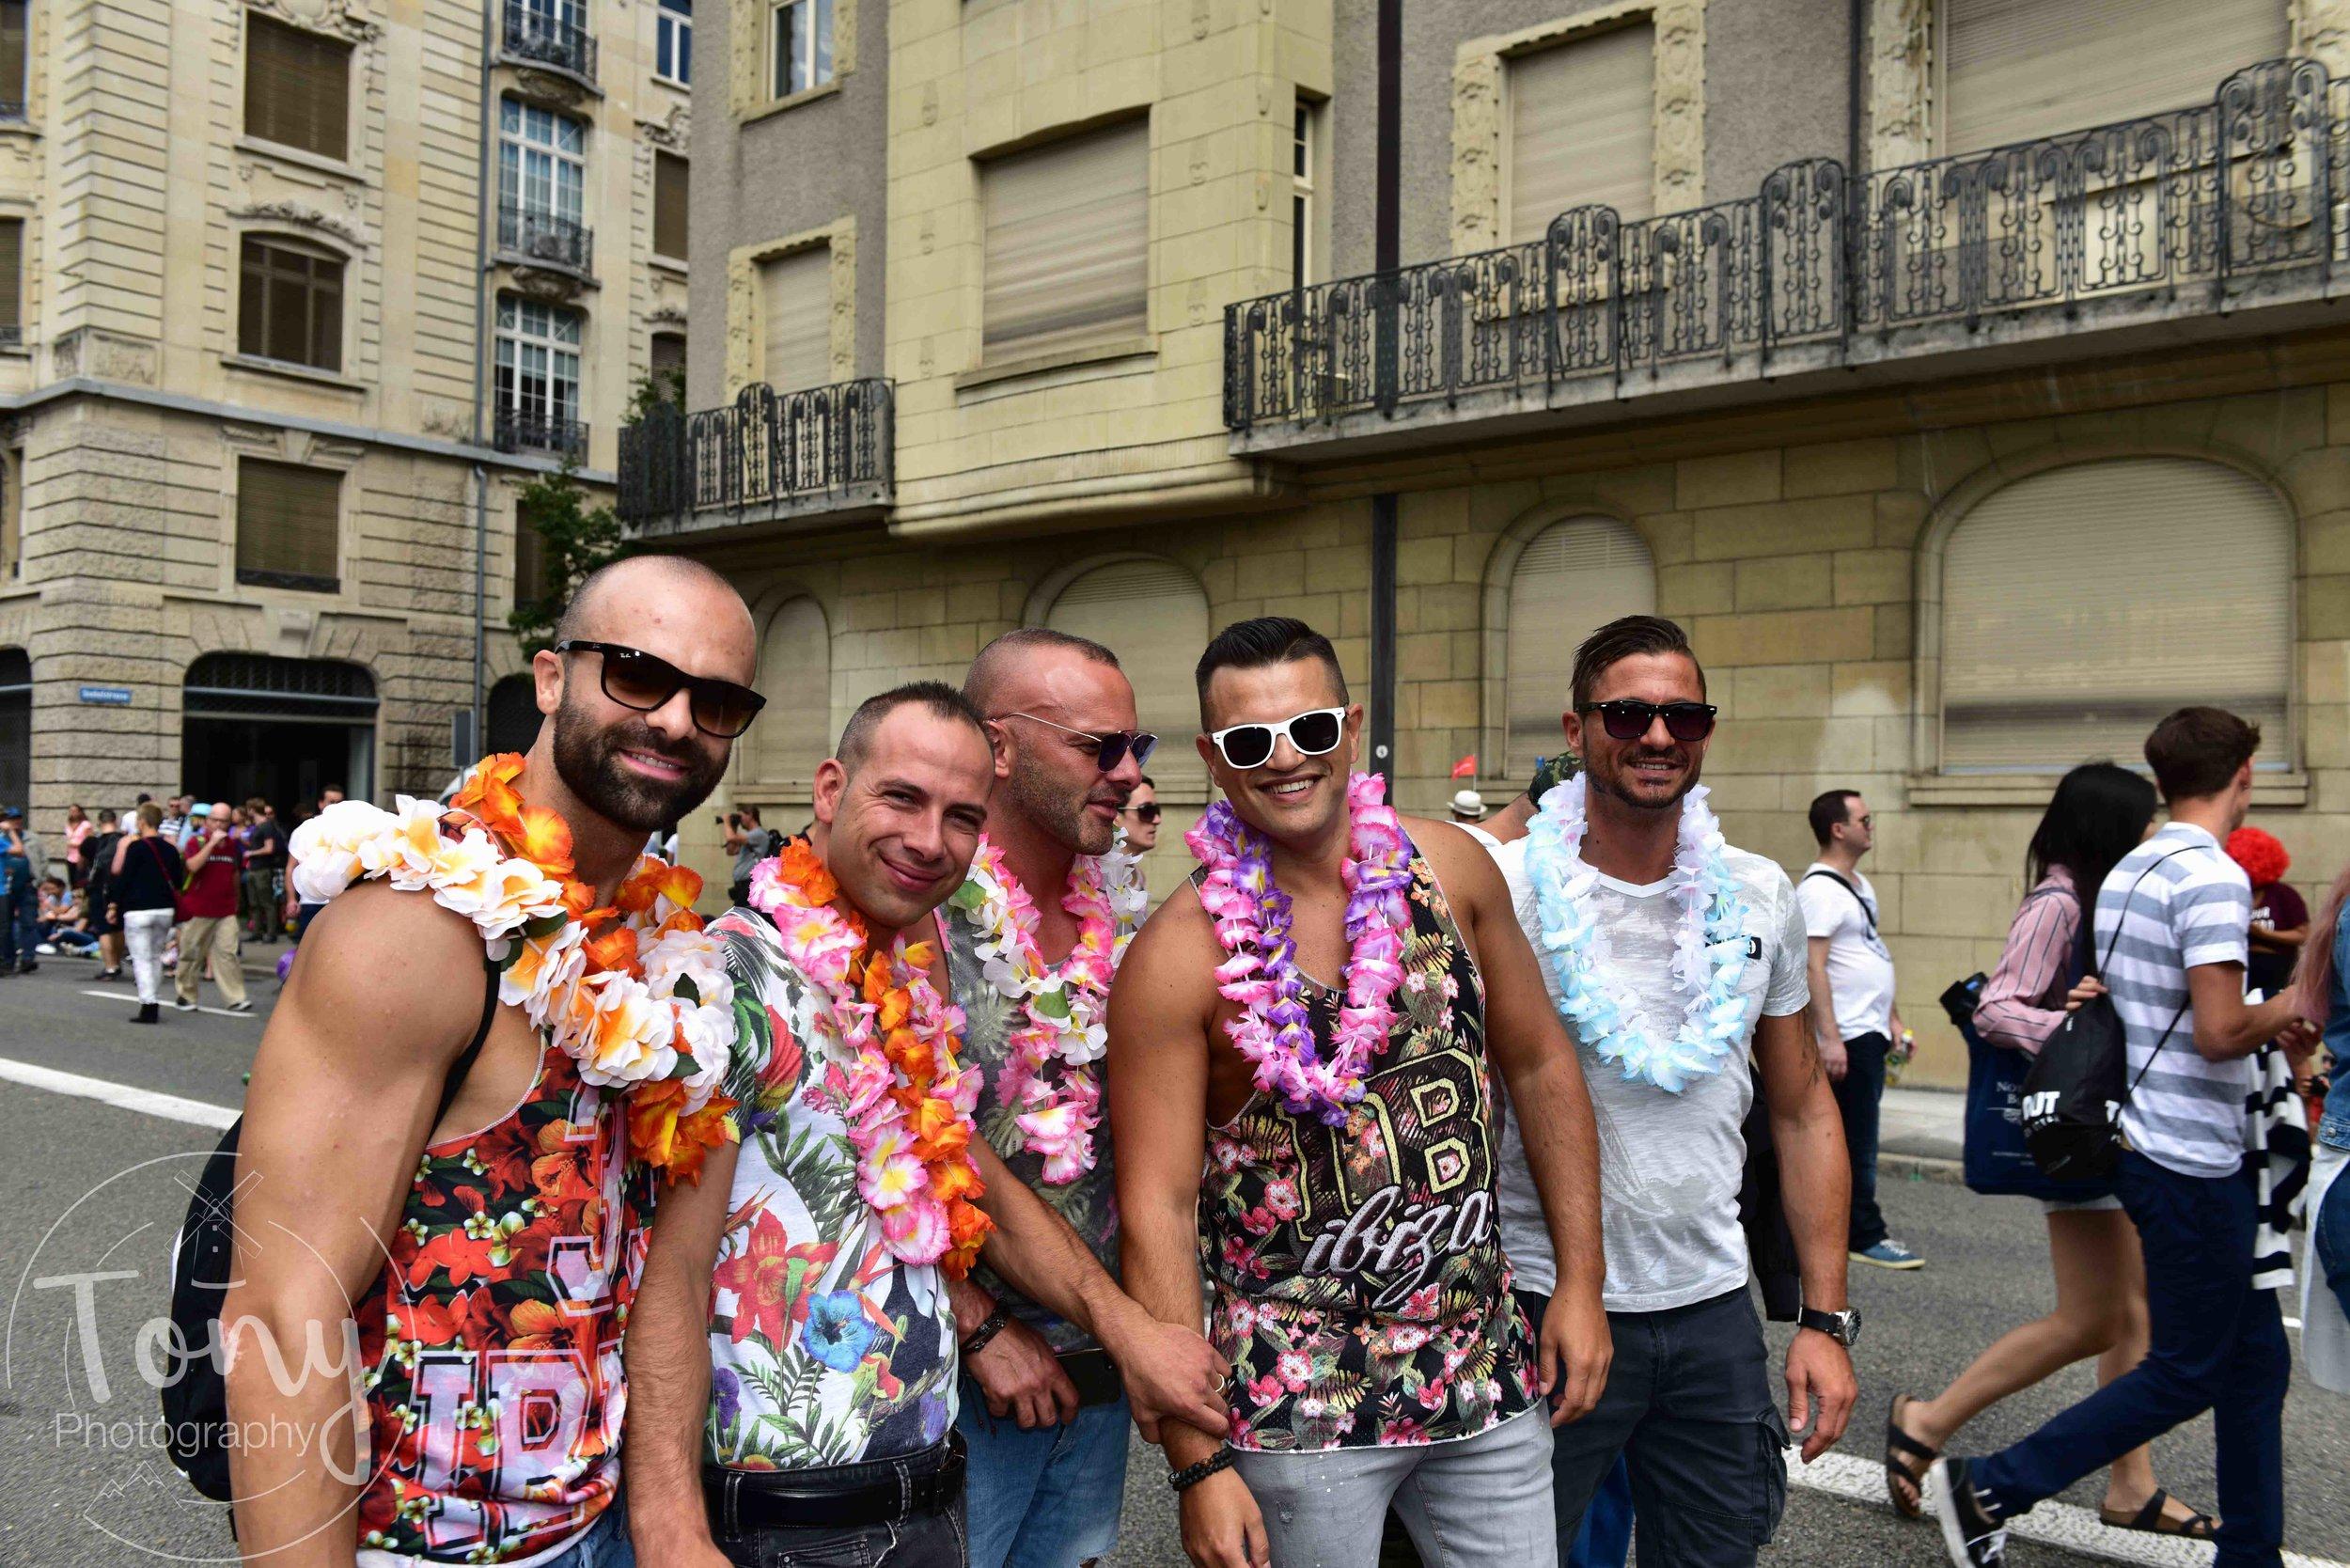 streetparade-49.jpg